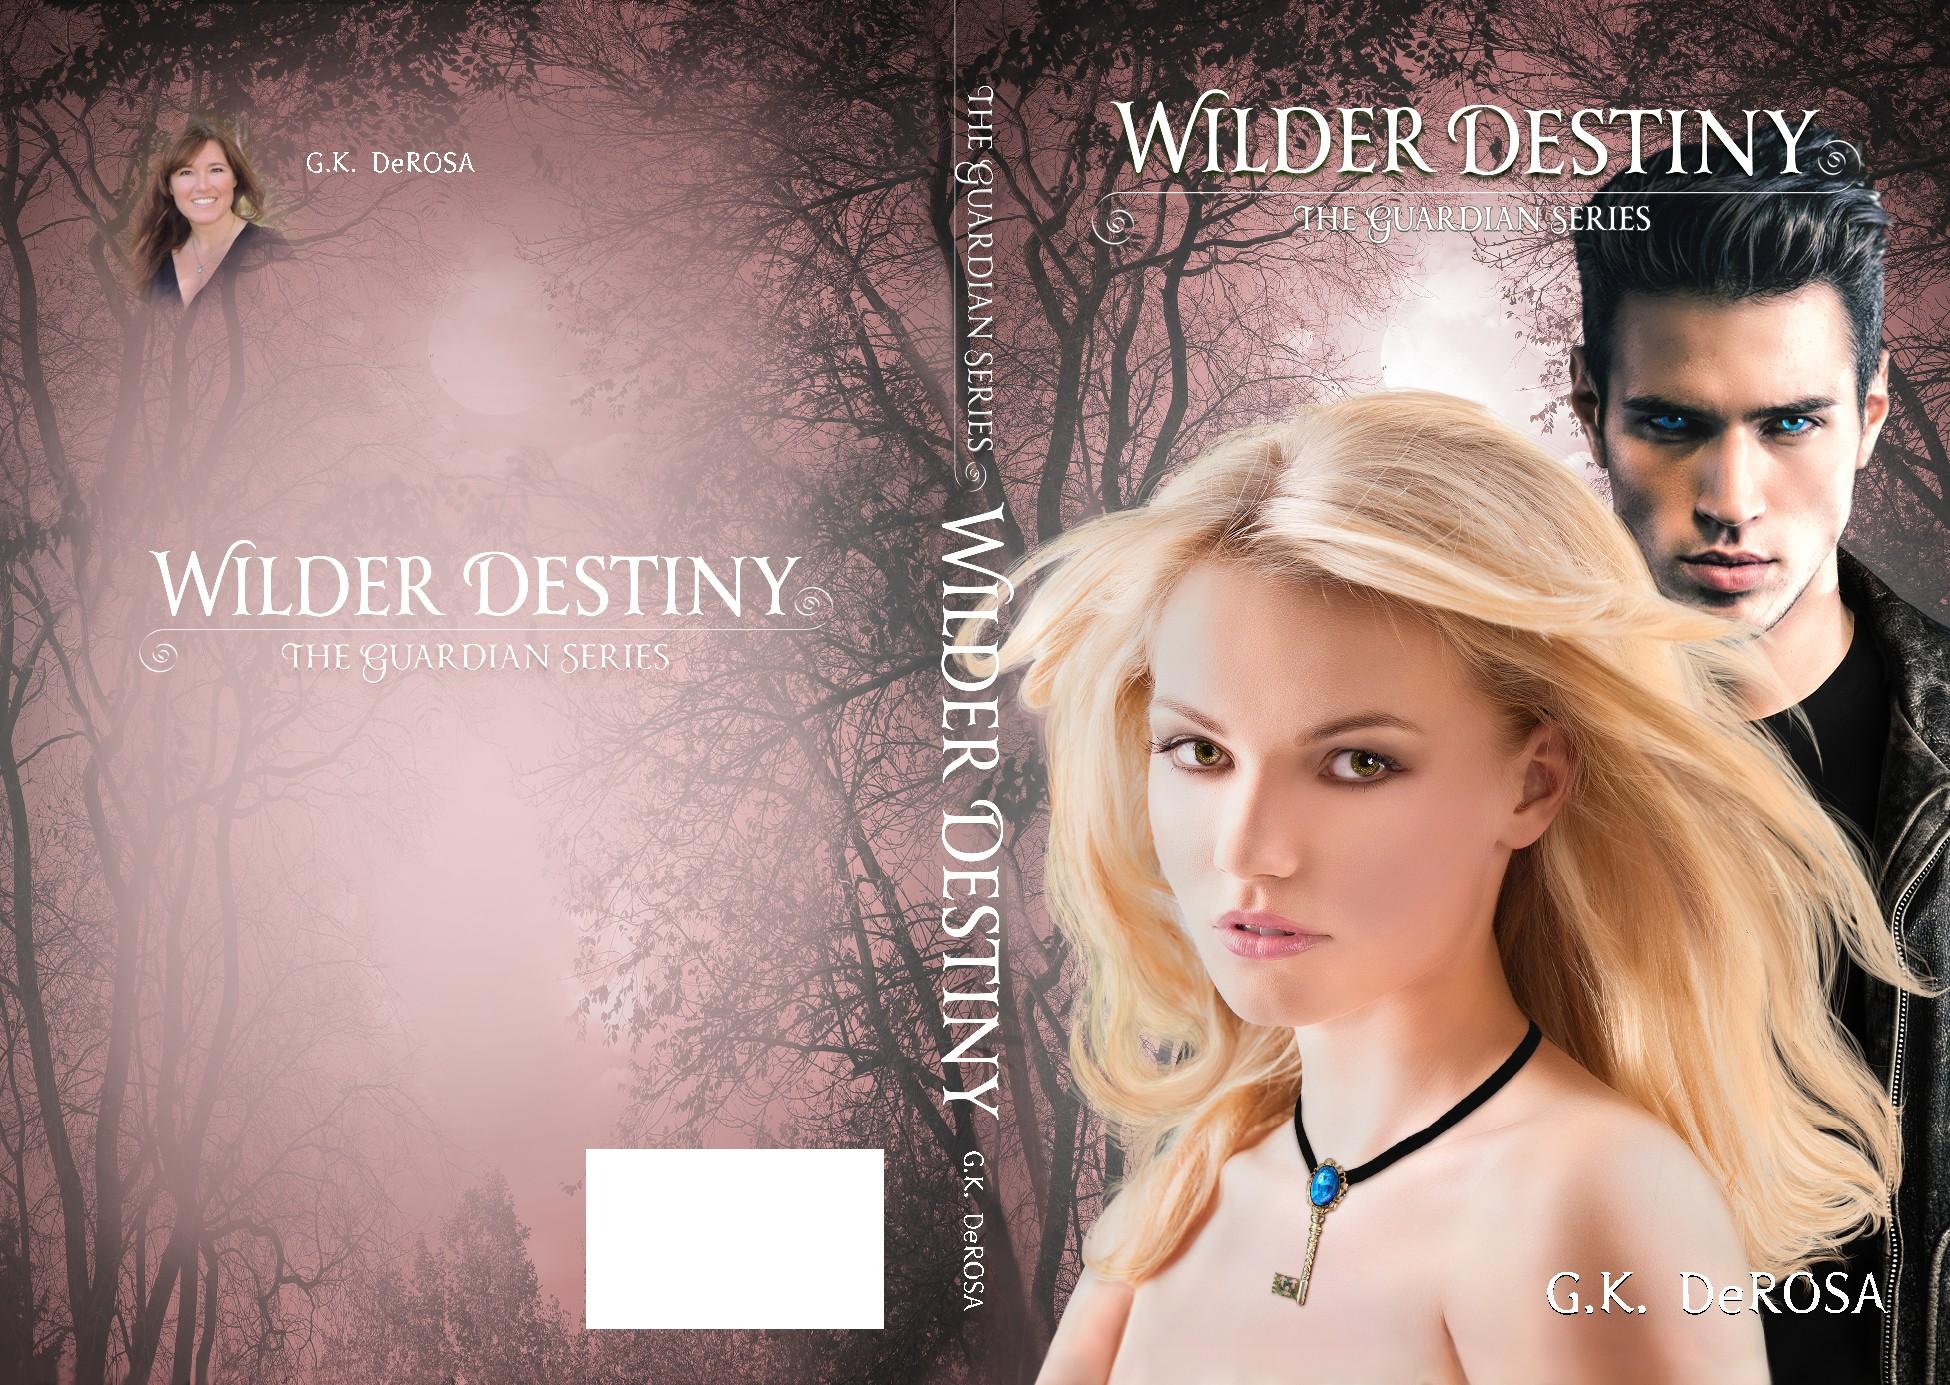 Cover for Wilder Destiny